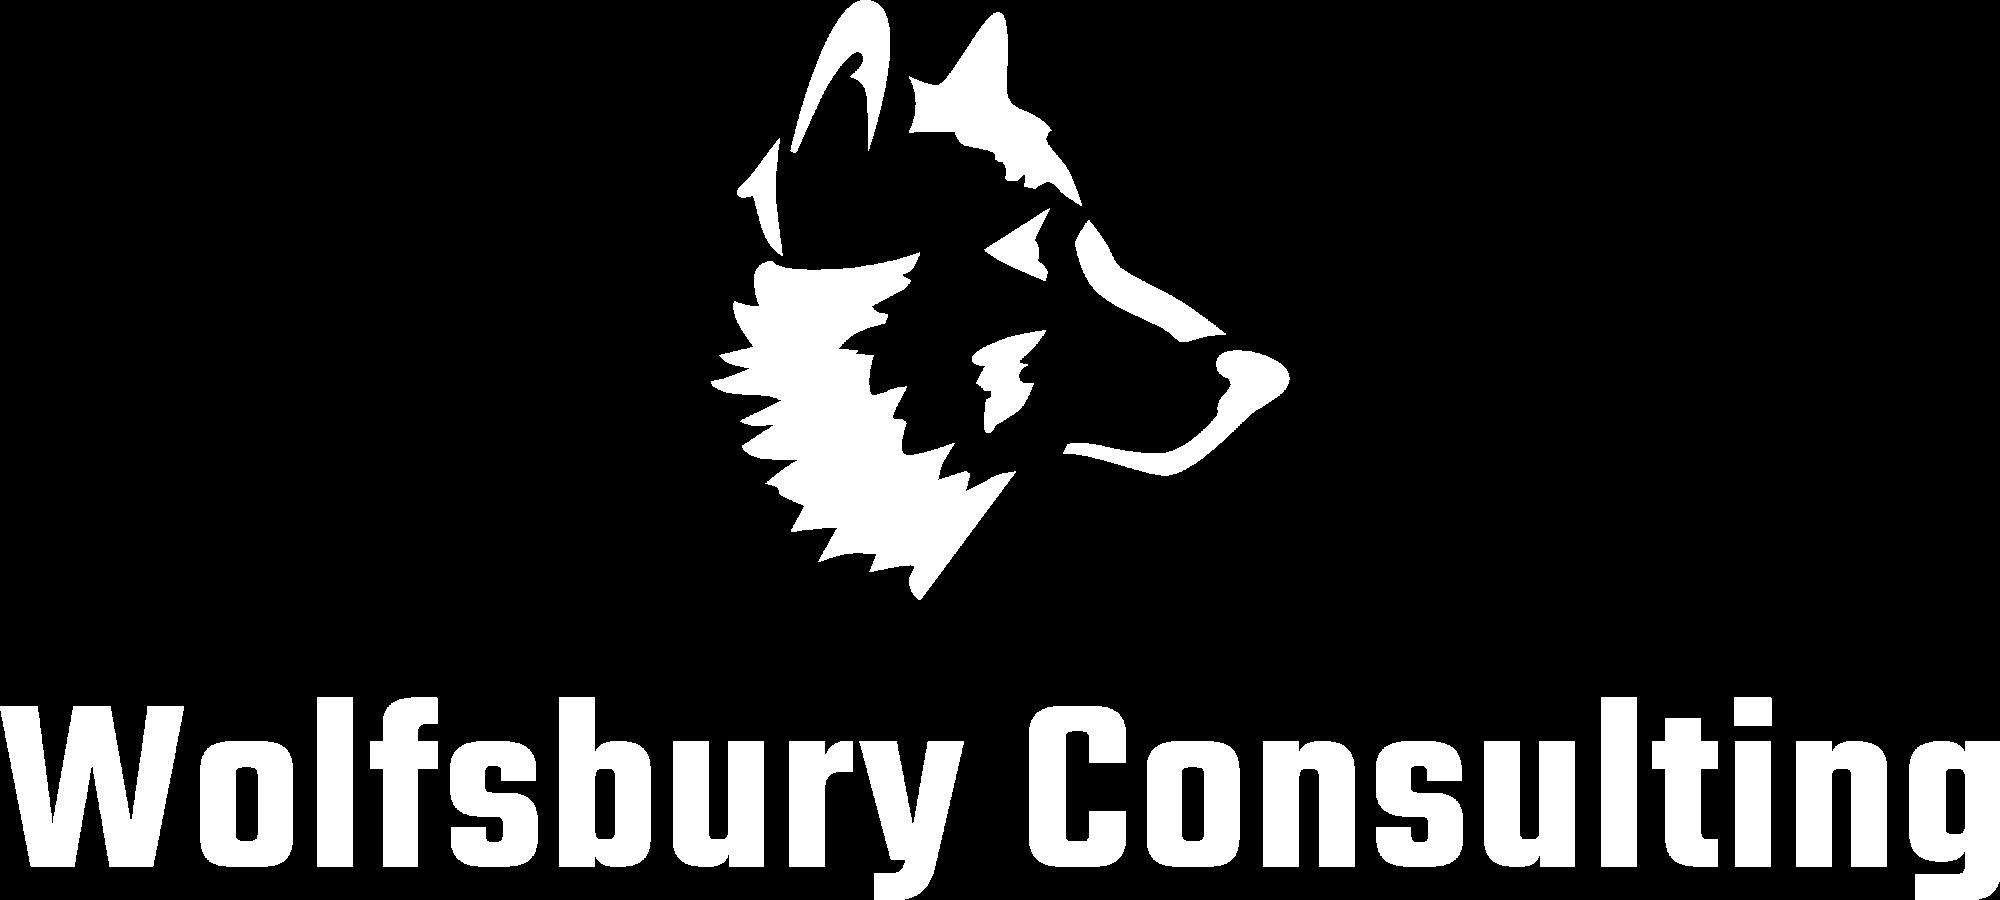 Wolfsbury Consulting